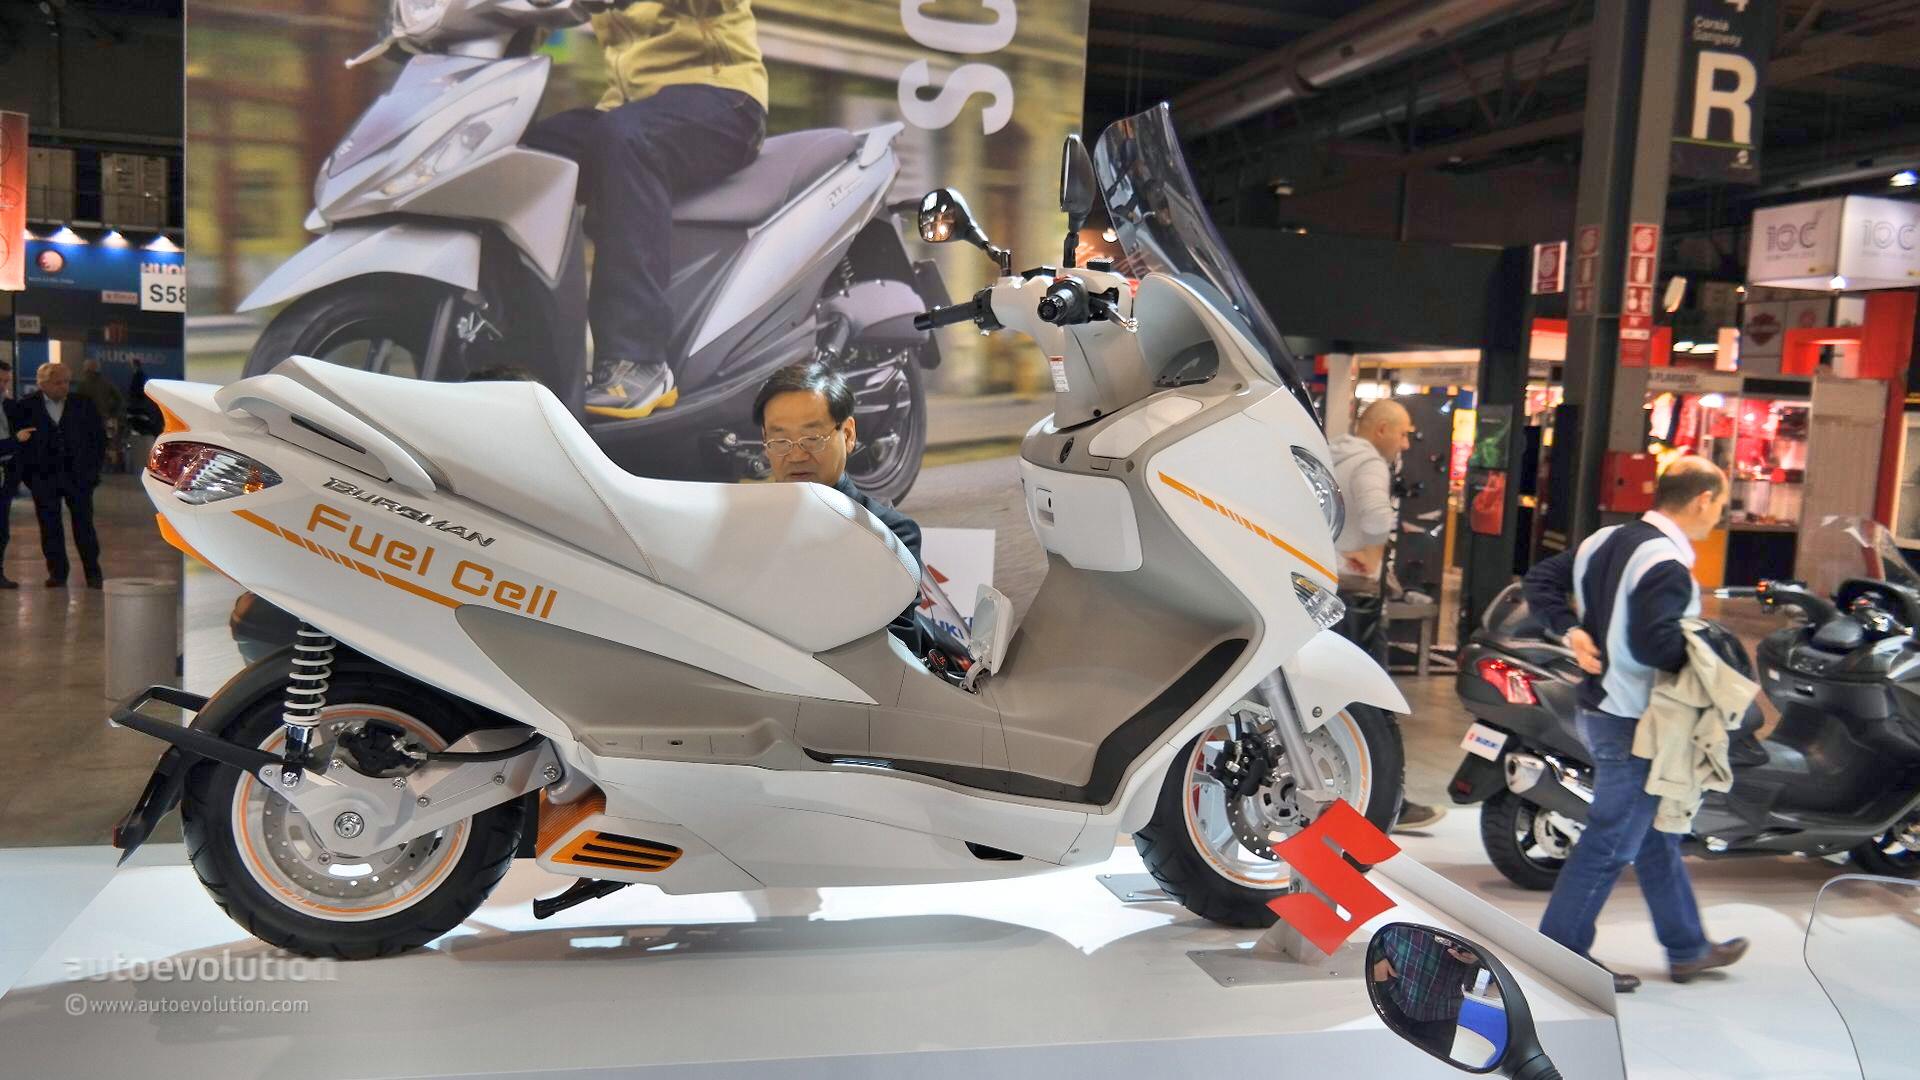 Suzuki Fuel Cell Scooter